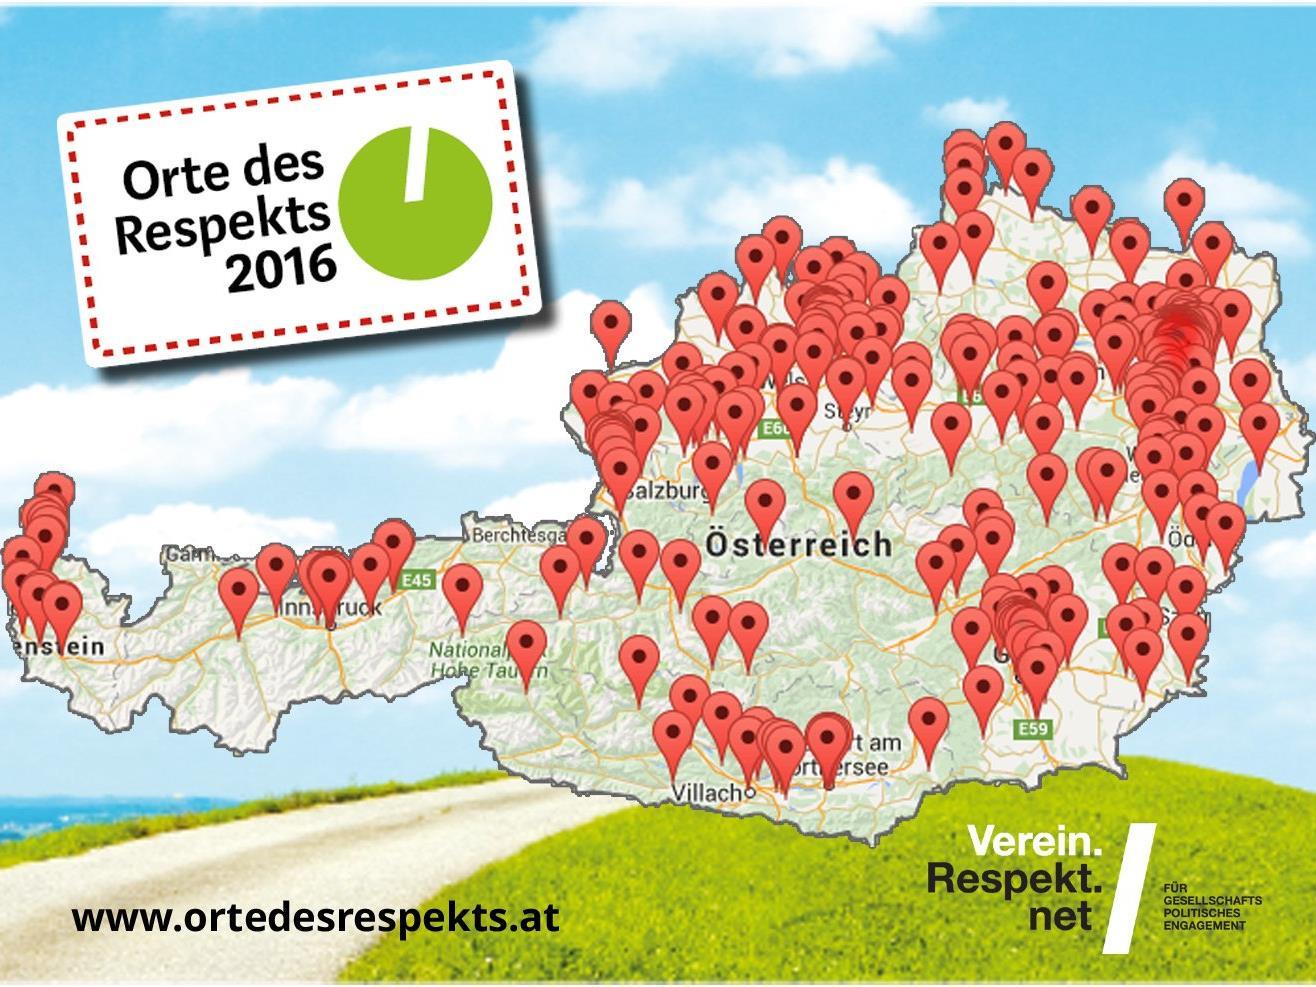 SC Hohenweiler/Ort des Respekts